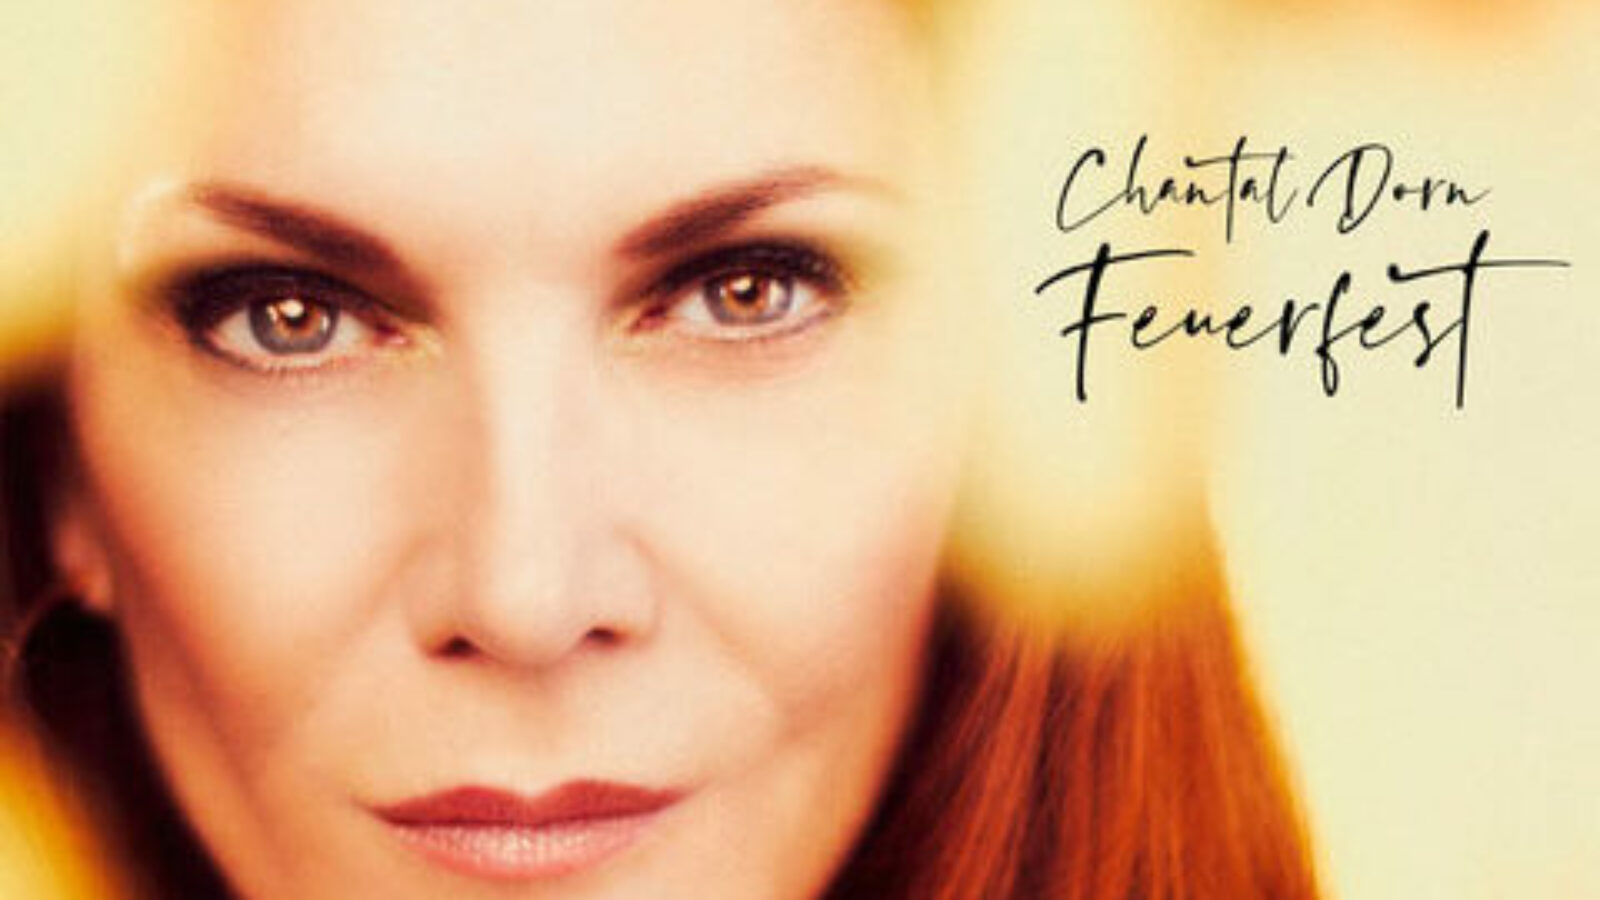 """Chantal Dorn debütiert mit """"Feuerfest"""""""